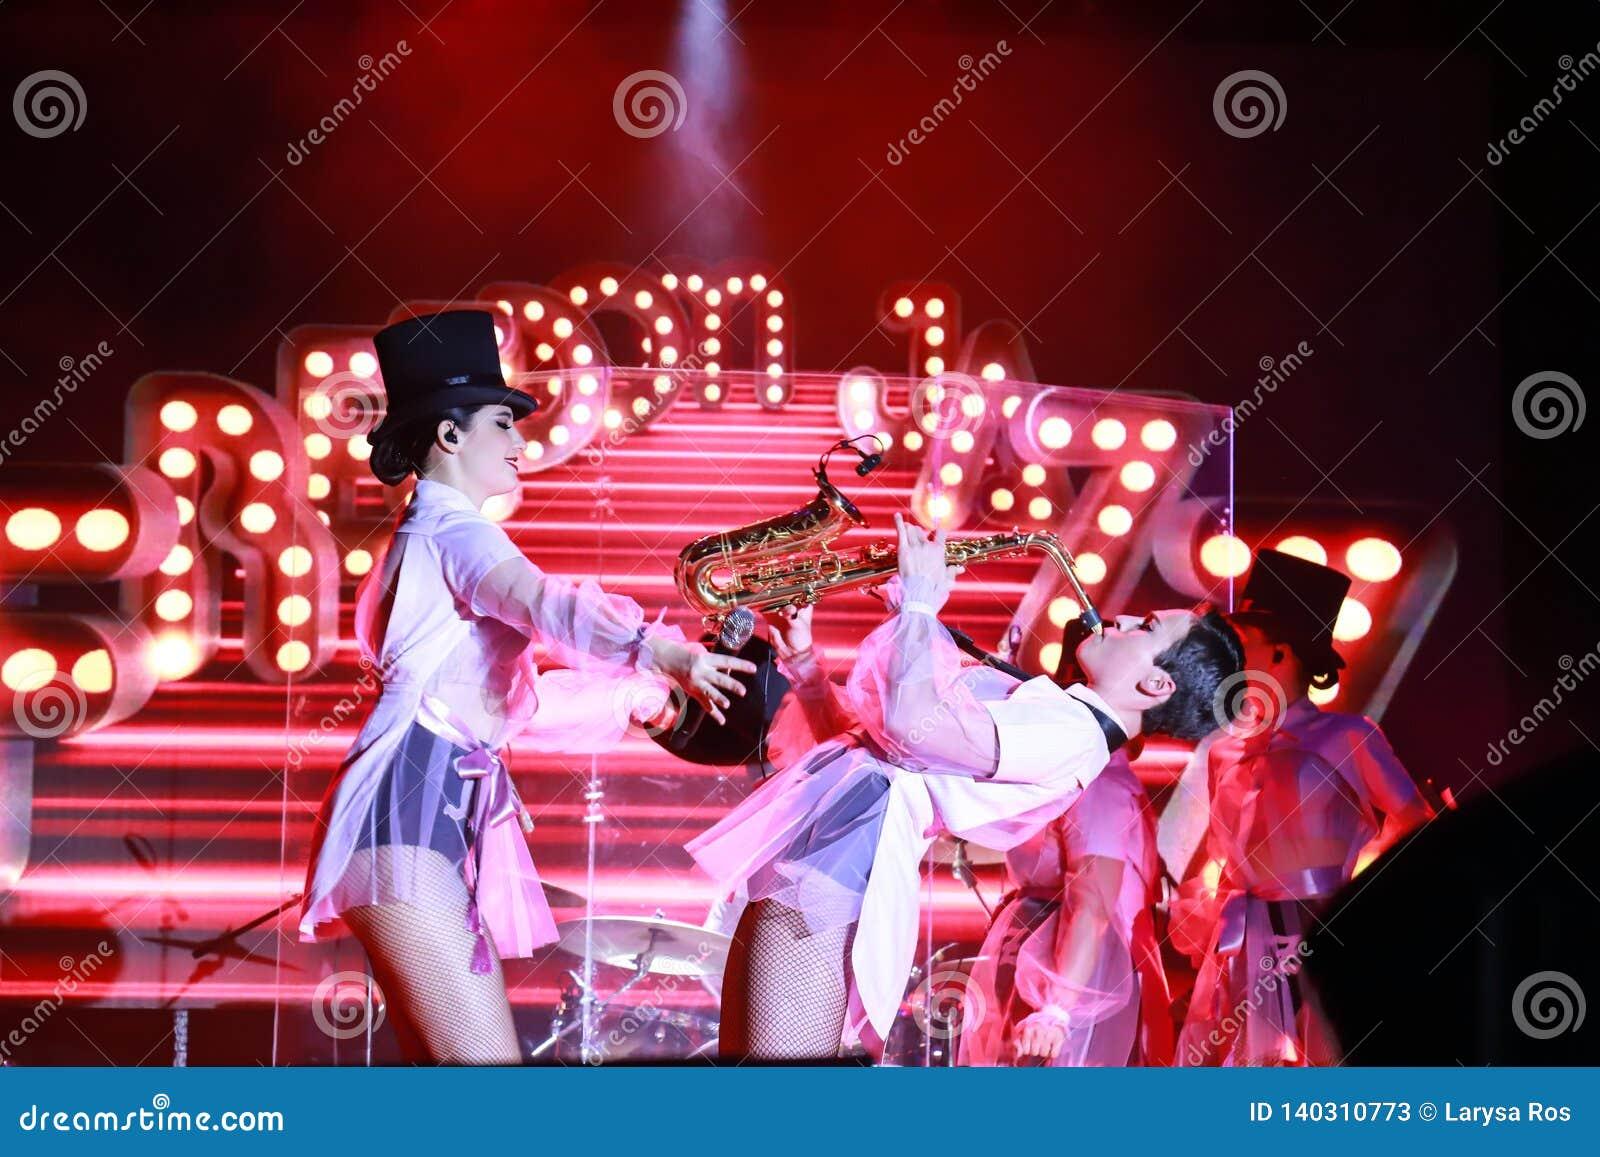 从乌克兰带自由爵士乐的美女在第聂伯罗彼得罗夫斯克执行 欧洲歌唱大赛2019年